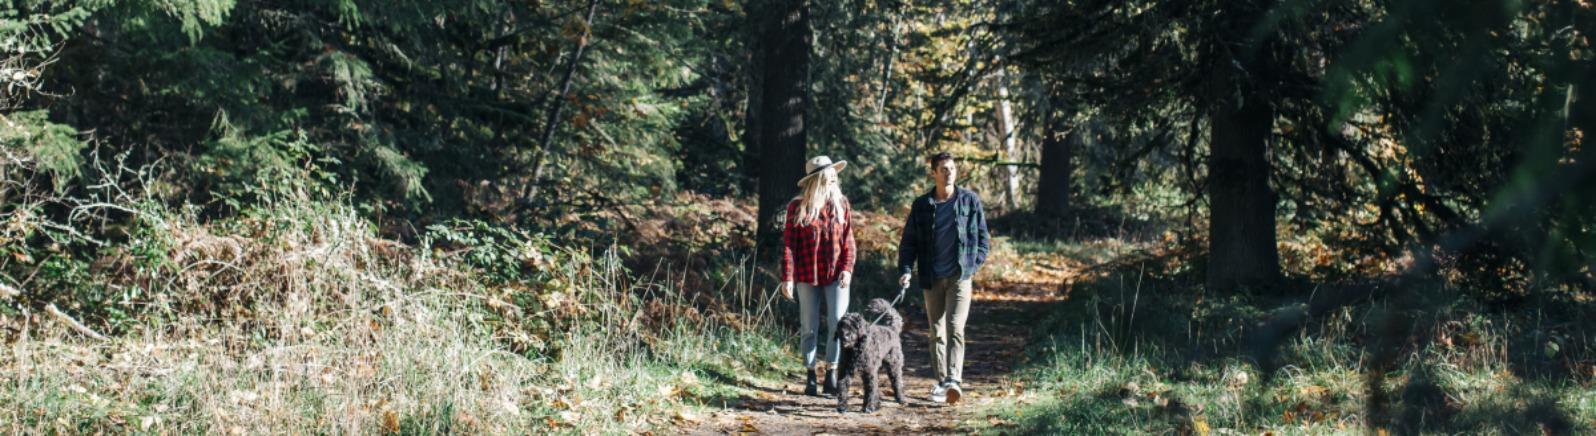 Milo McIver Park walking trail in Estacada